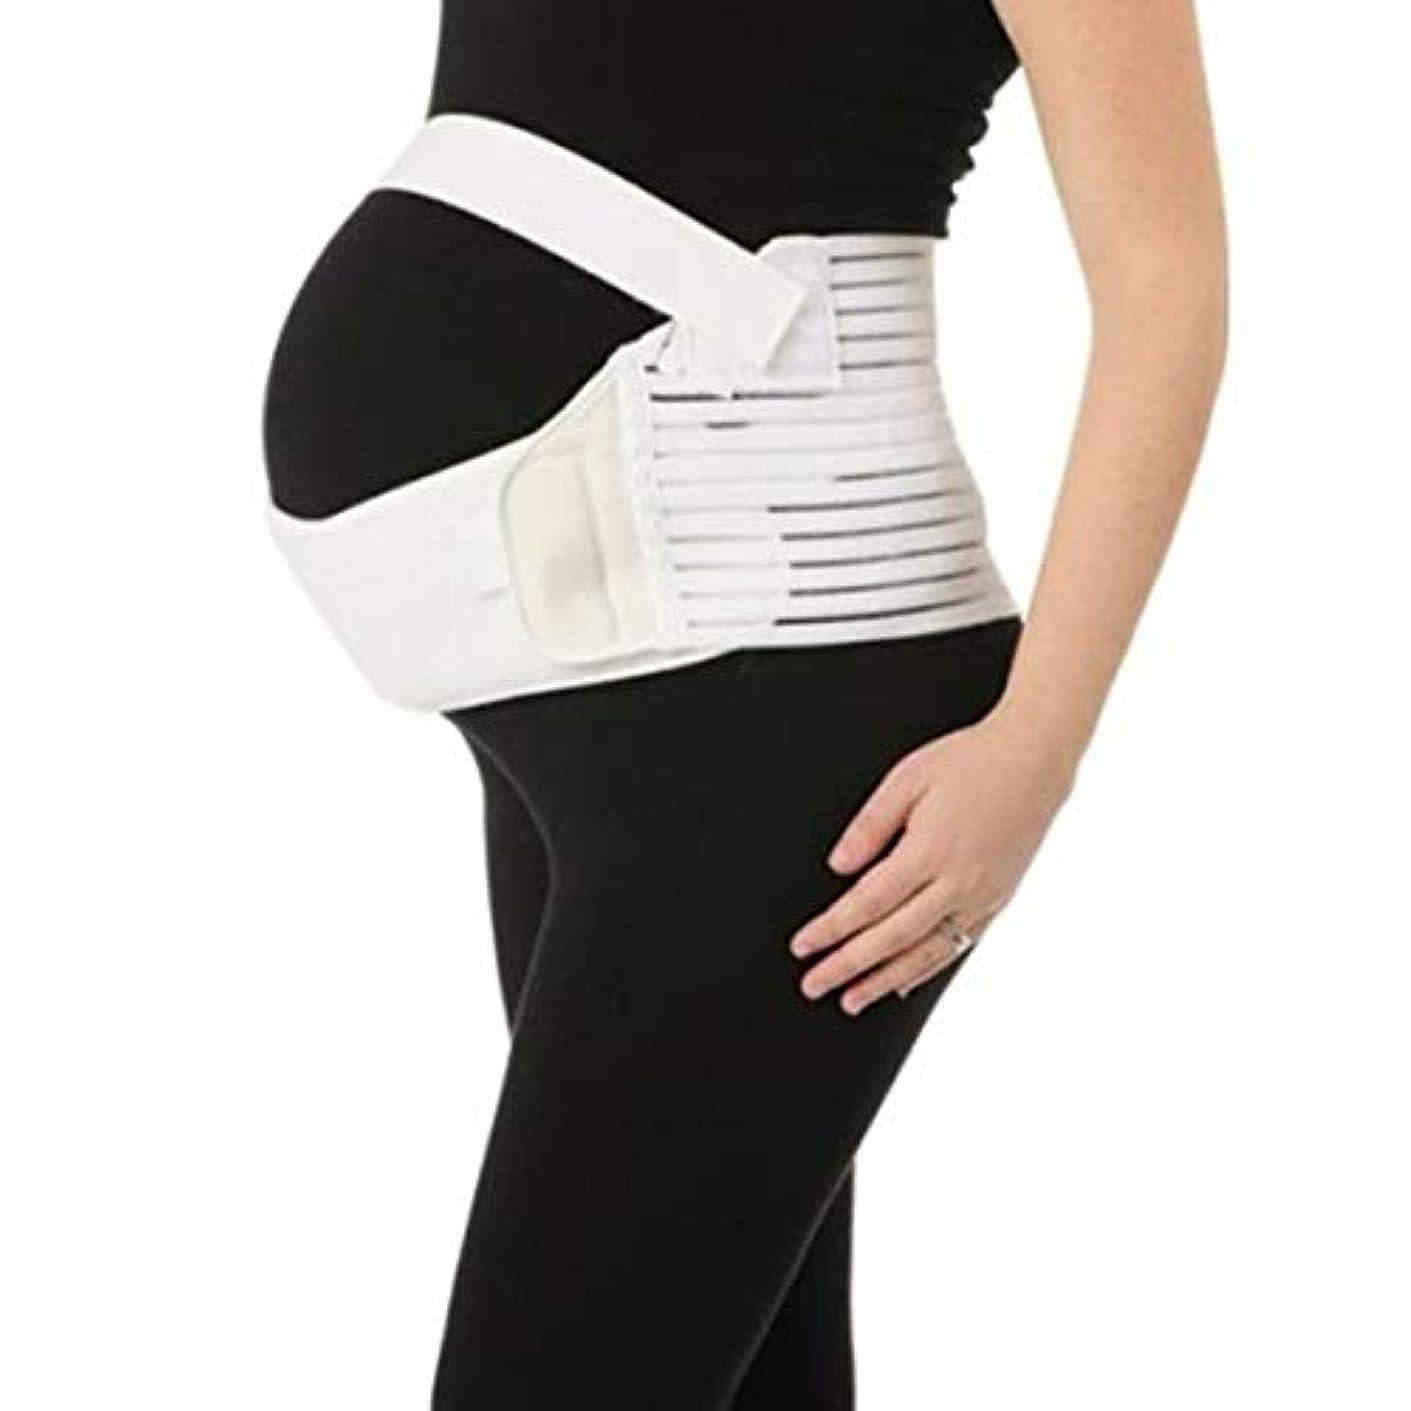 情熱残り損傷通気性マタニティベルト妊娠腹部サポート腹部バインダーガードル運動包帯産後の回復shapewear - ホワイトL